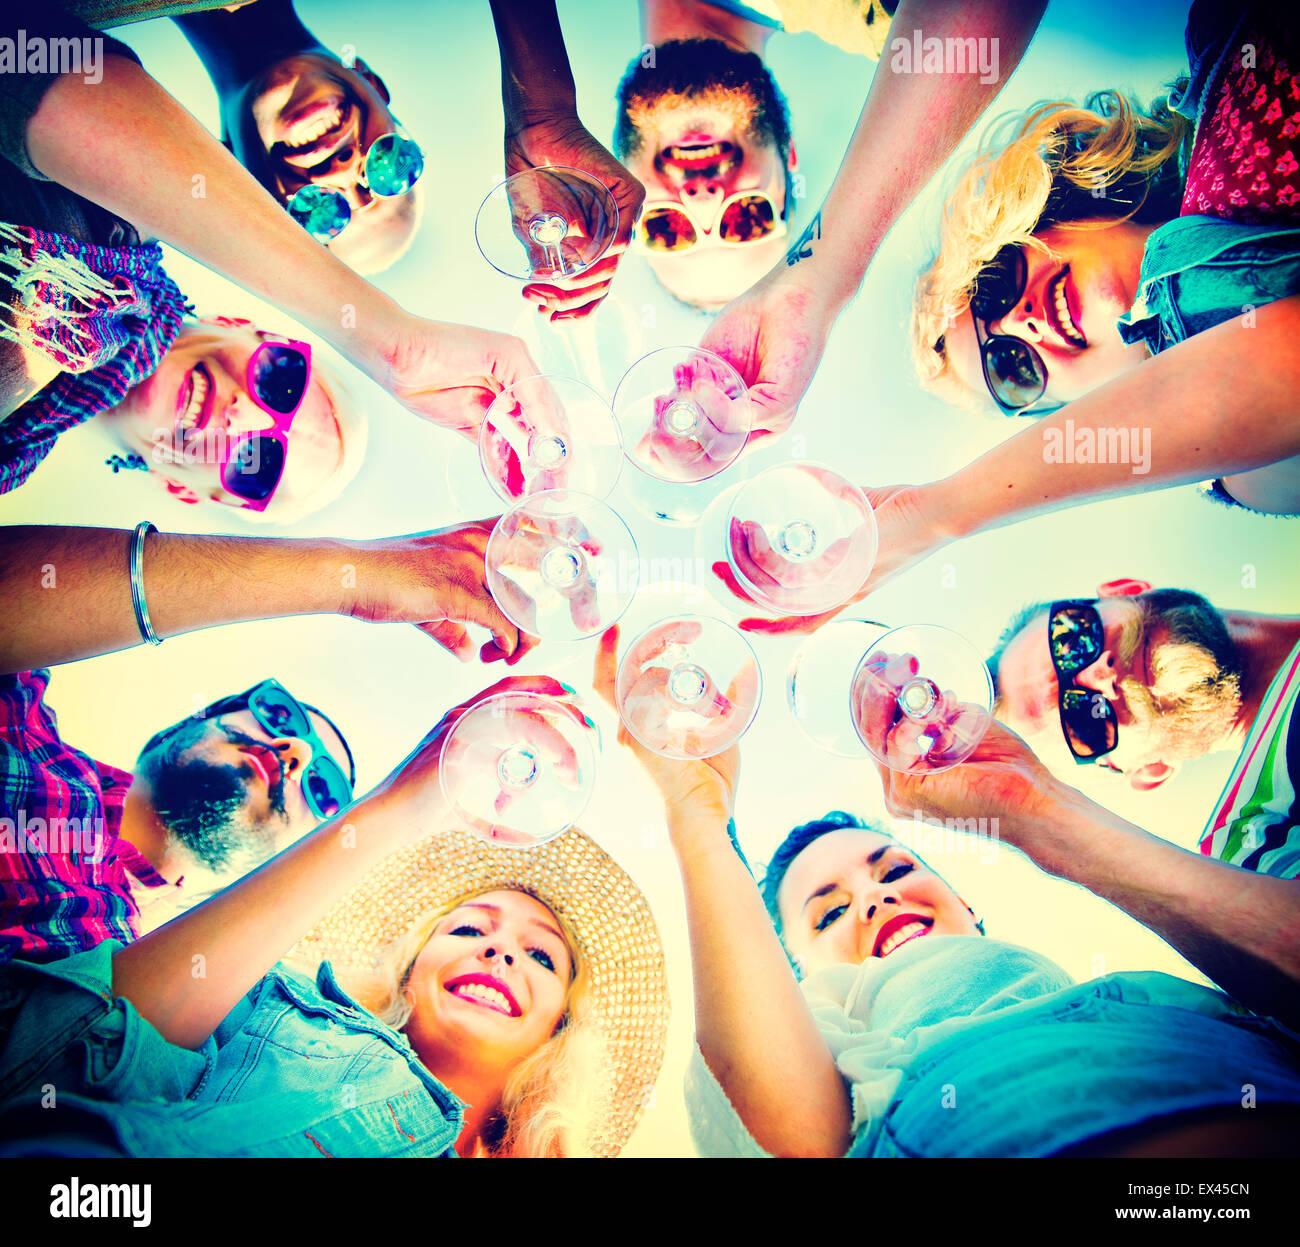 Strand Jubel Feier Freundschaft Sommerspaß Konzept Stockbild